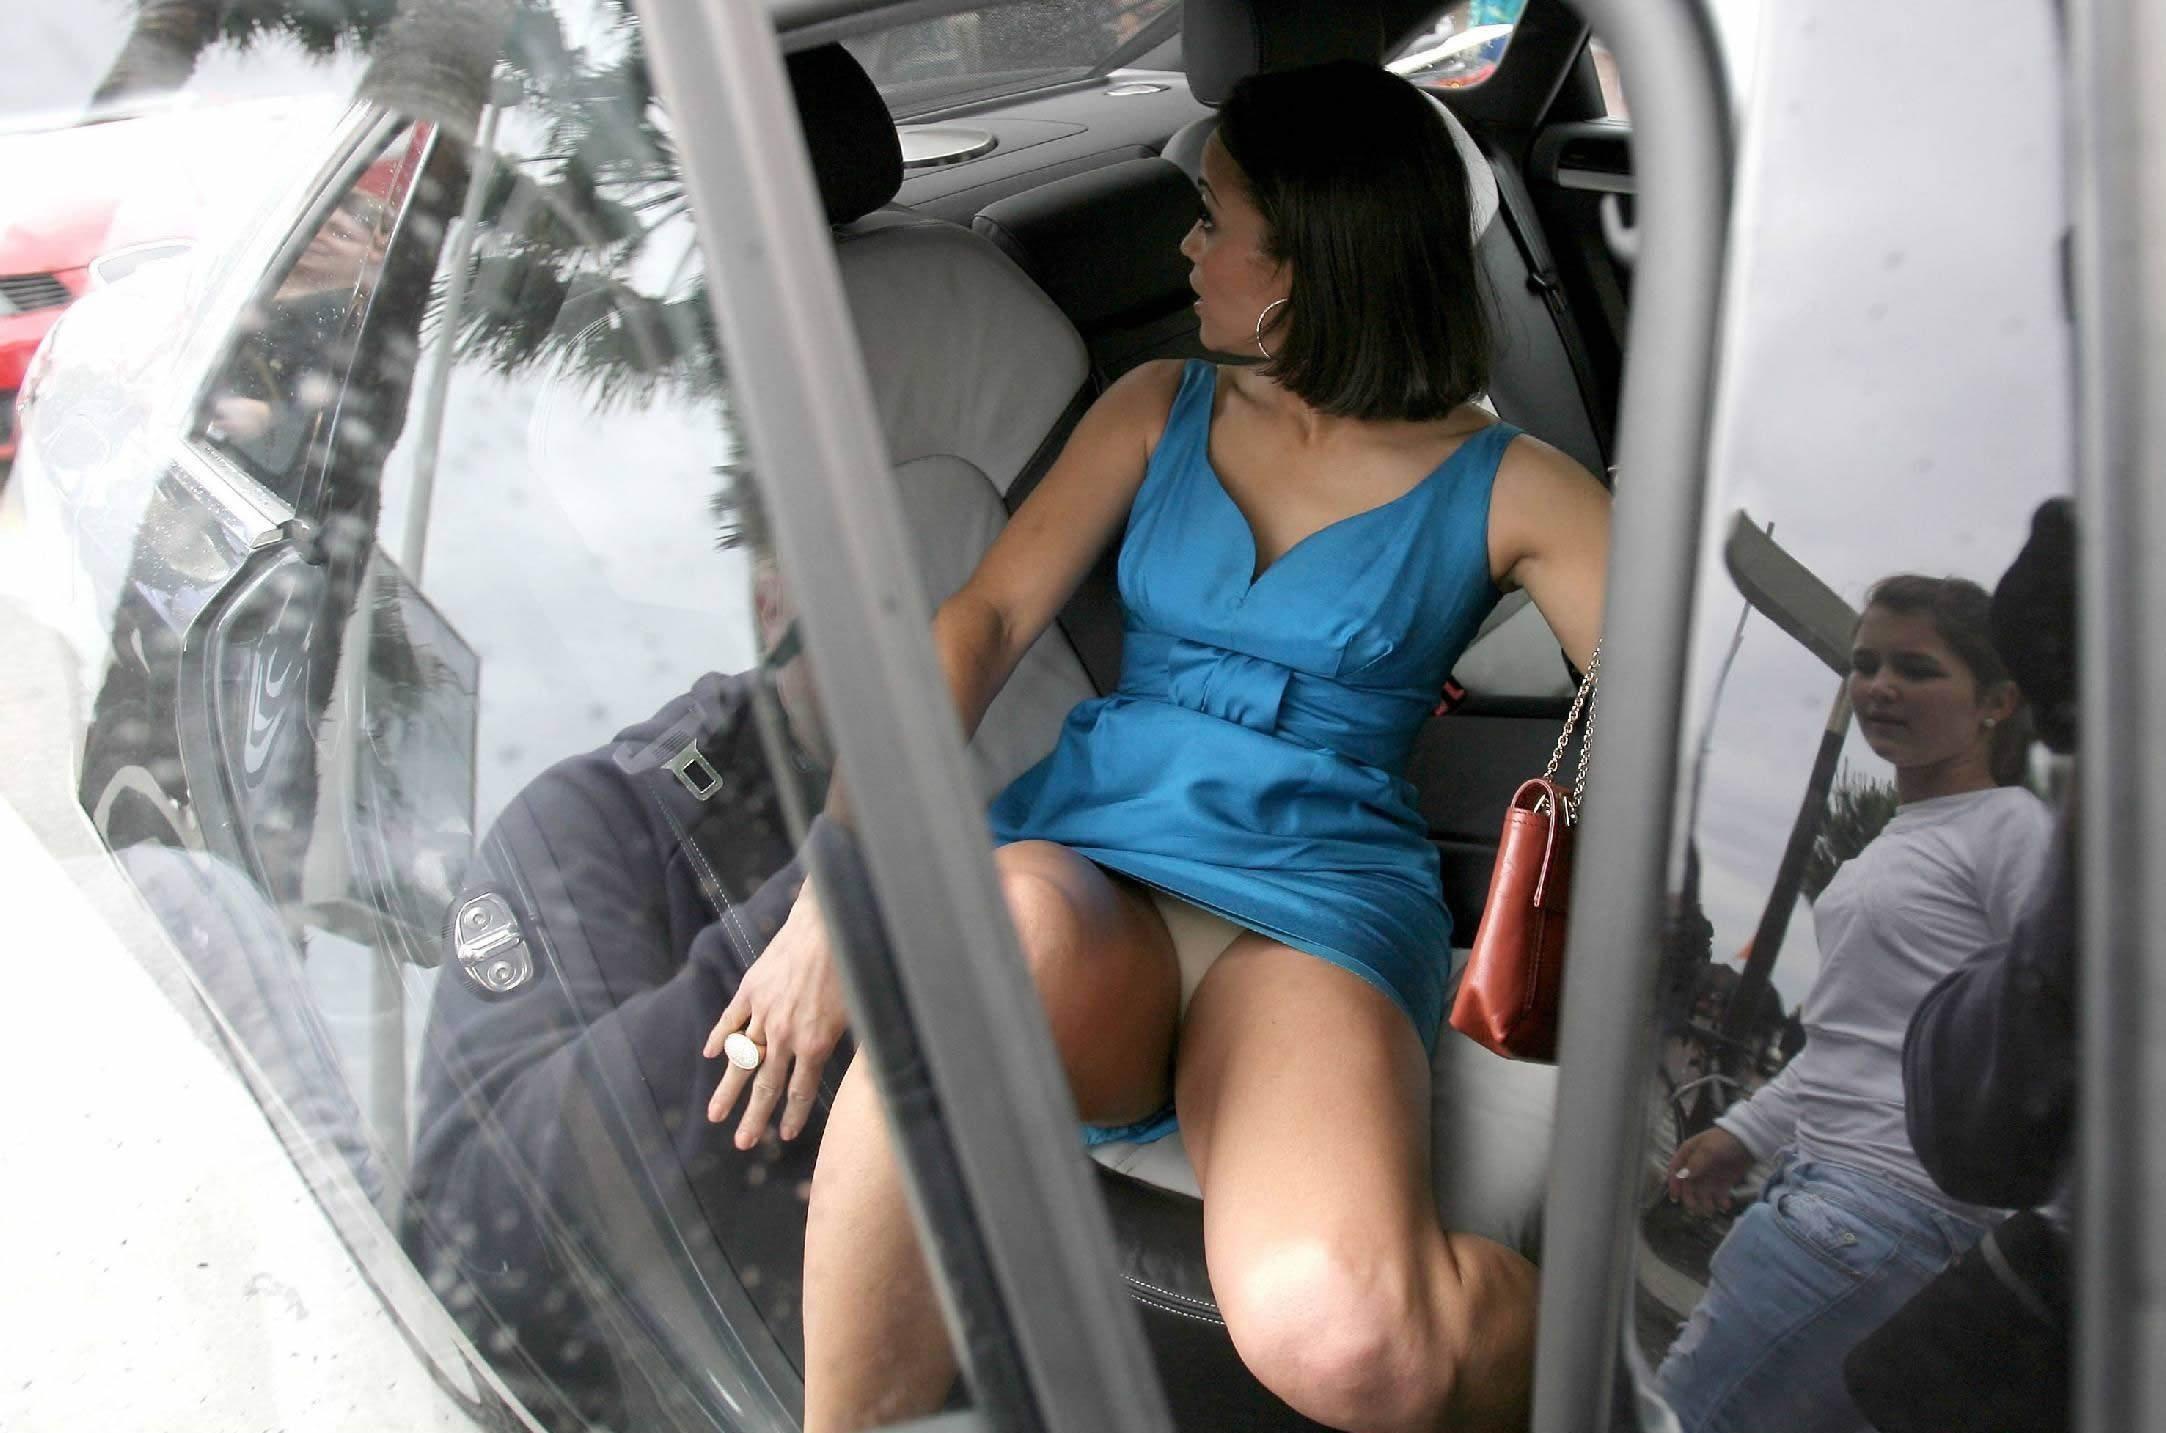 под юбкой подсмотренное на улице и в транспорте вот